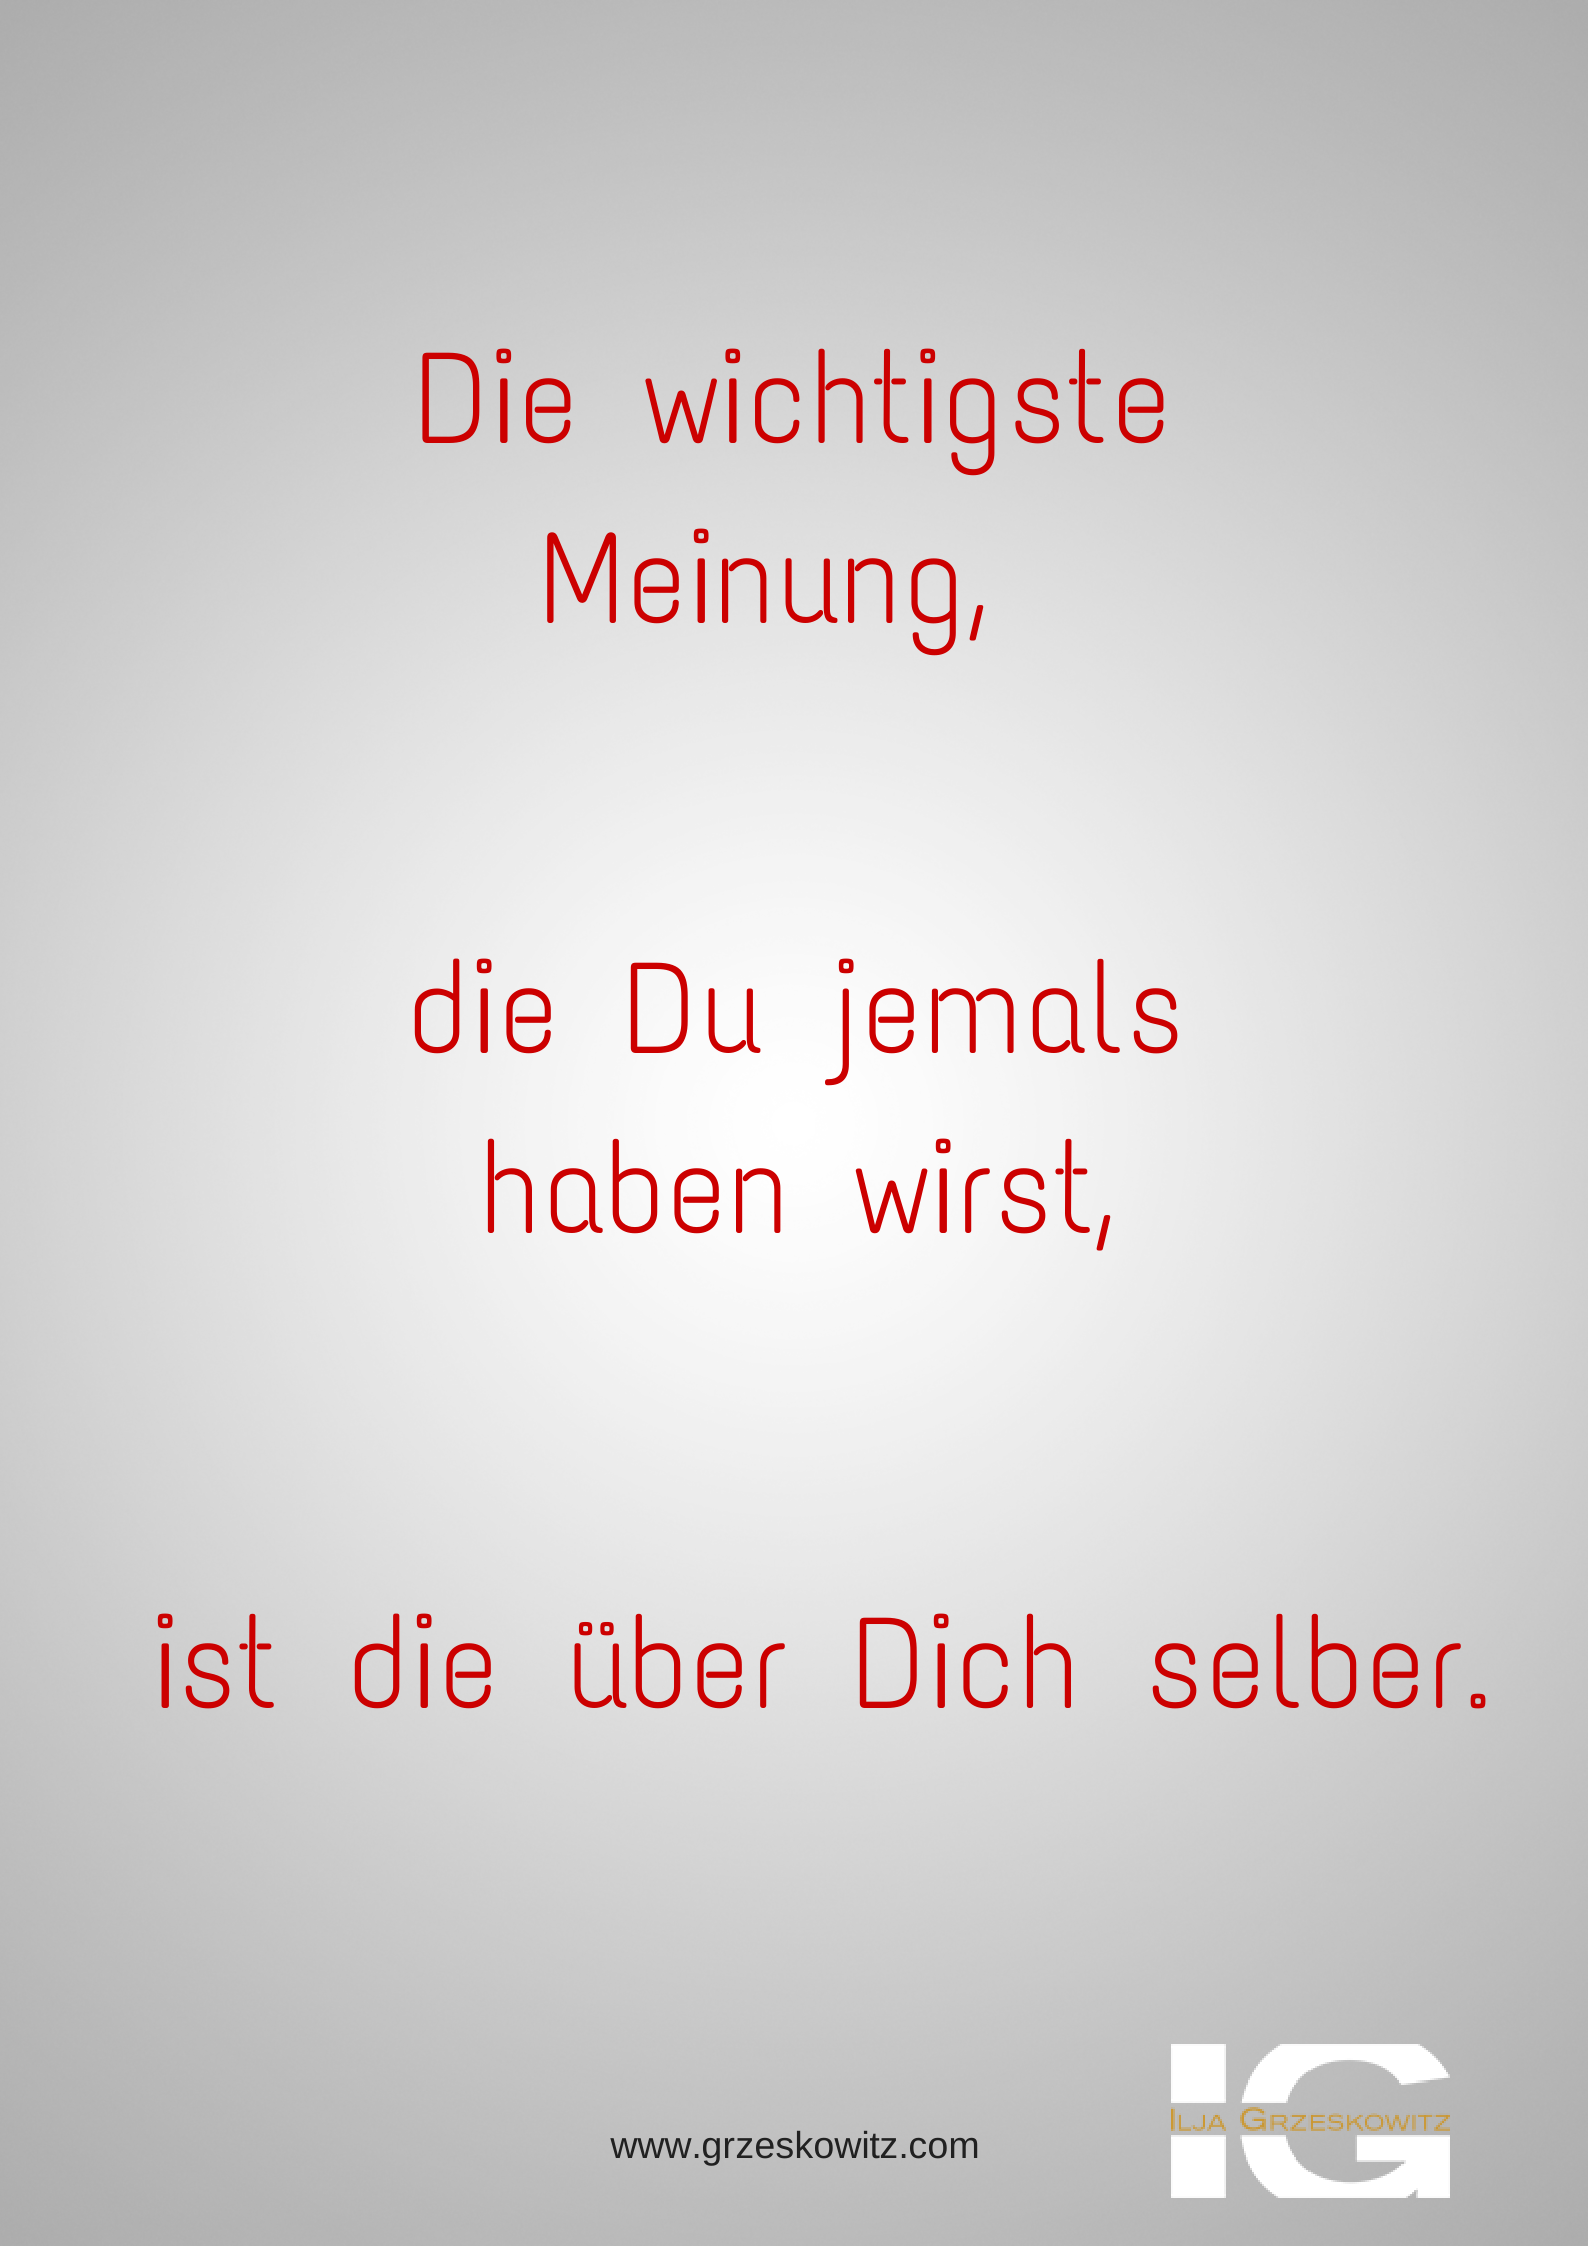 Rule 3 Sprüche, Deutsche zitate, Weisheiten zitate